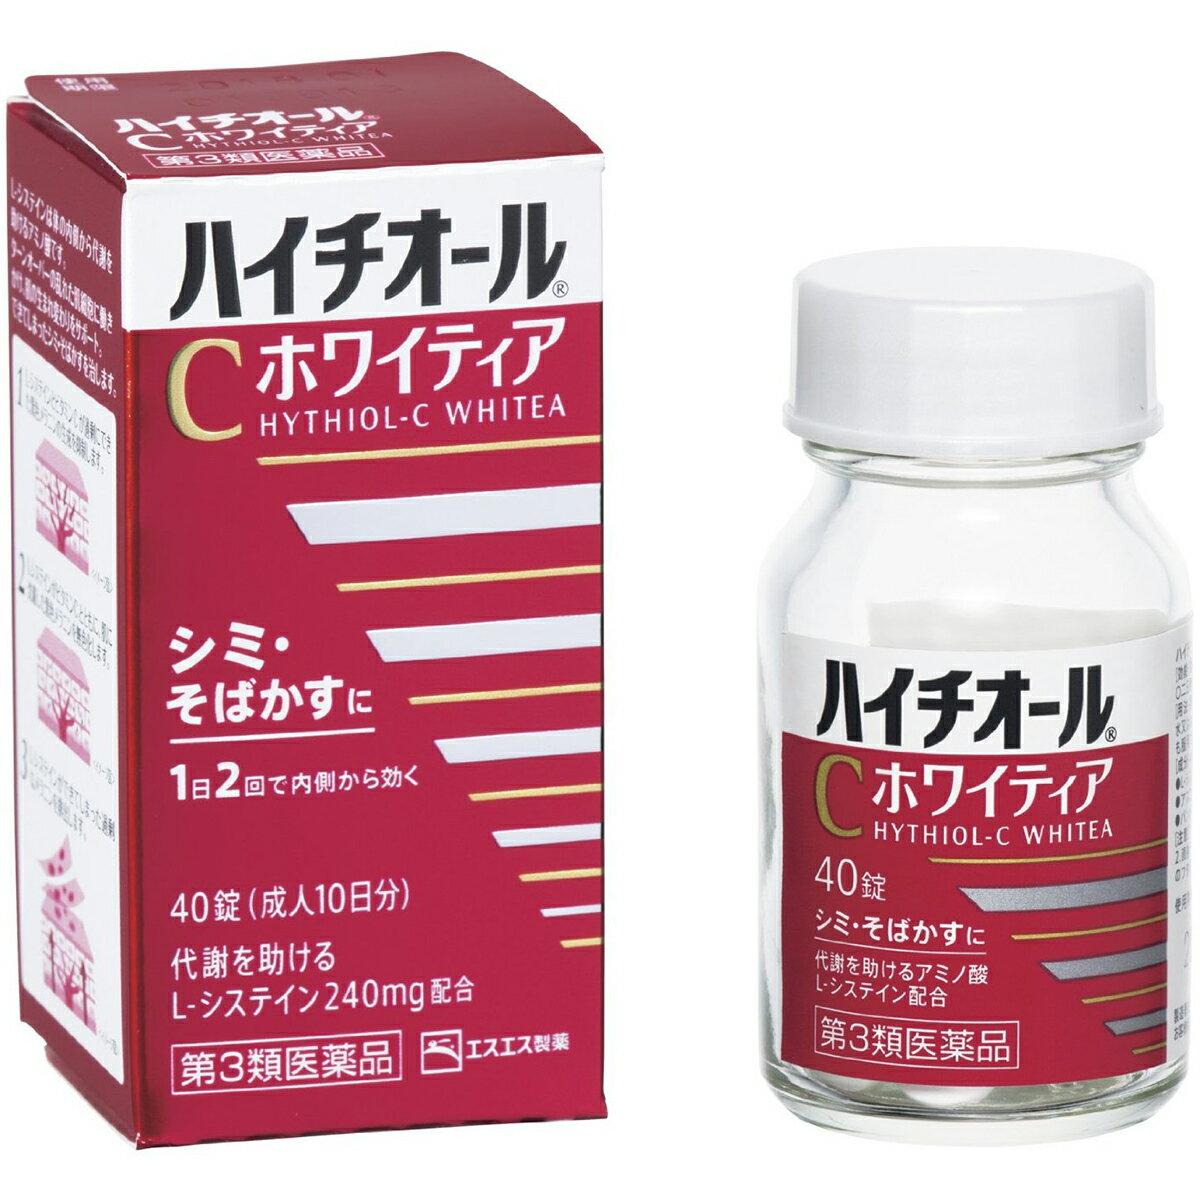 【第3類医薬品】【火曜日限定 楽天ポイント8倍相当】エスエス製薬株式会社 ハイチオールCホワイティア 40錠<代謝を助けるL-システイン(アミノ酸)240mg+ビタミンC。1日2回>(この商品は注文後のキャンセルができません)【RCP】